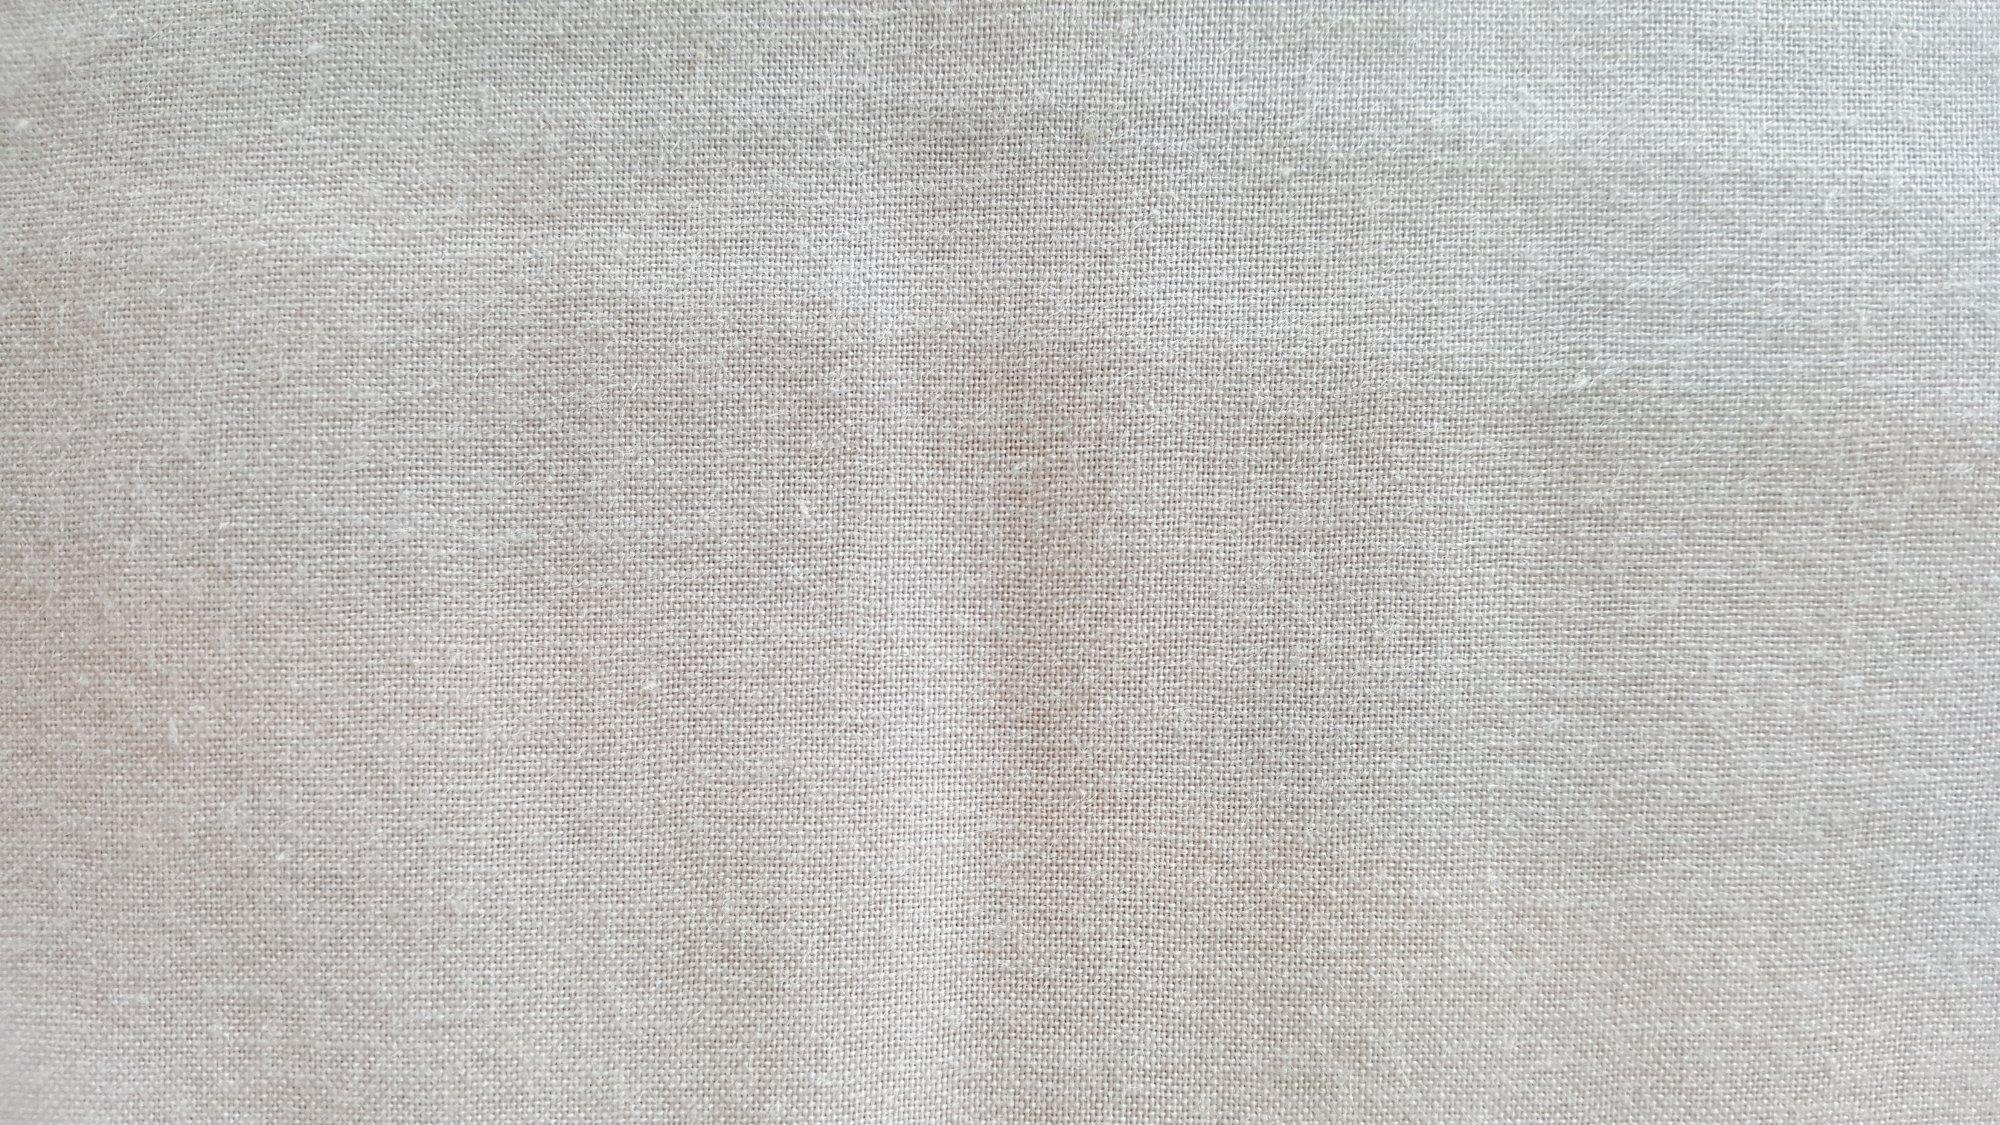 Color Spectrum -  P&B Textiles - Grey Solid - SCPE 04 BV